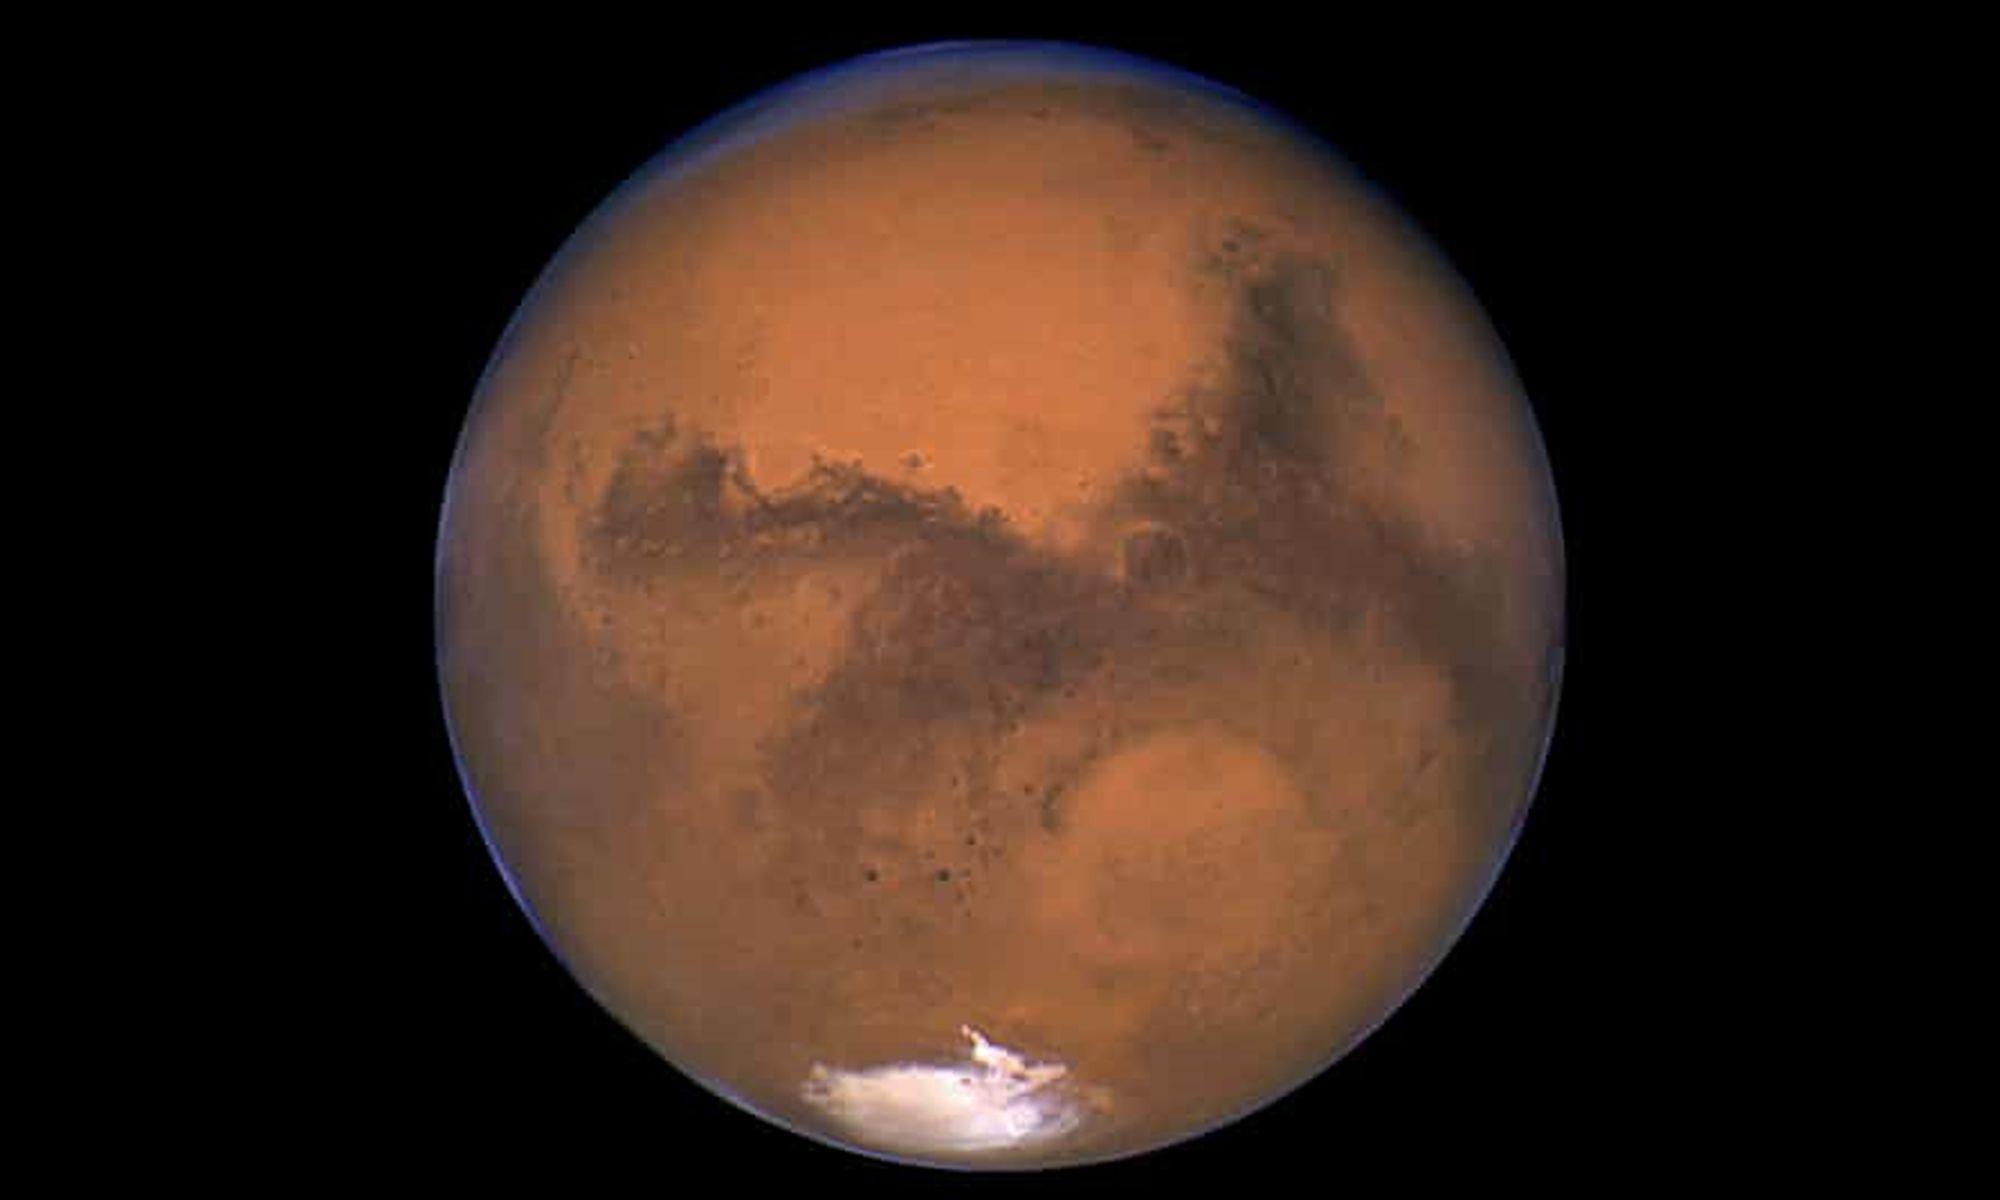 Жизнь на Марсе?Утечка водяного пара предлагает новые подсказки